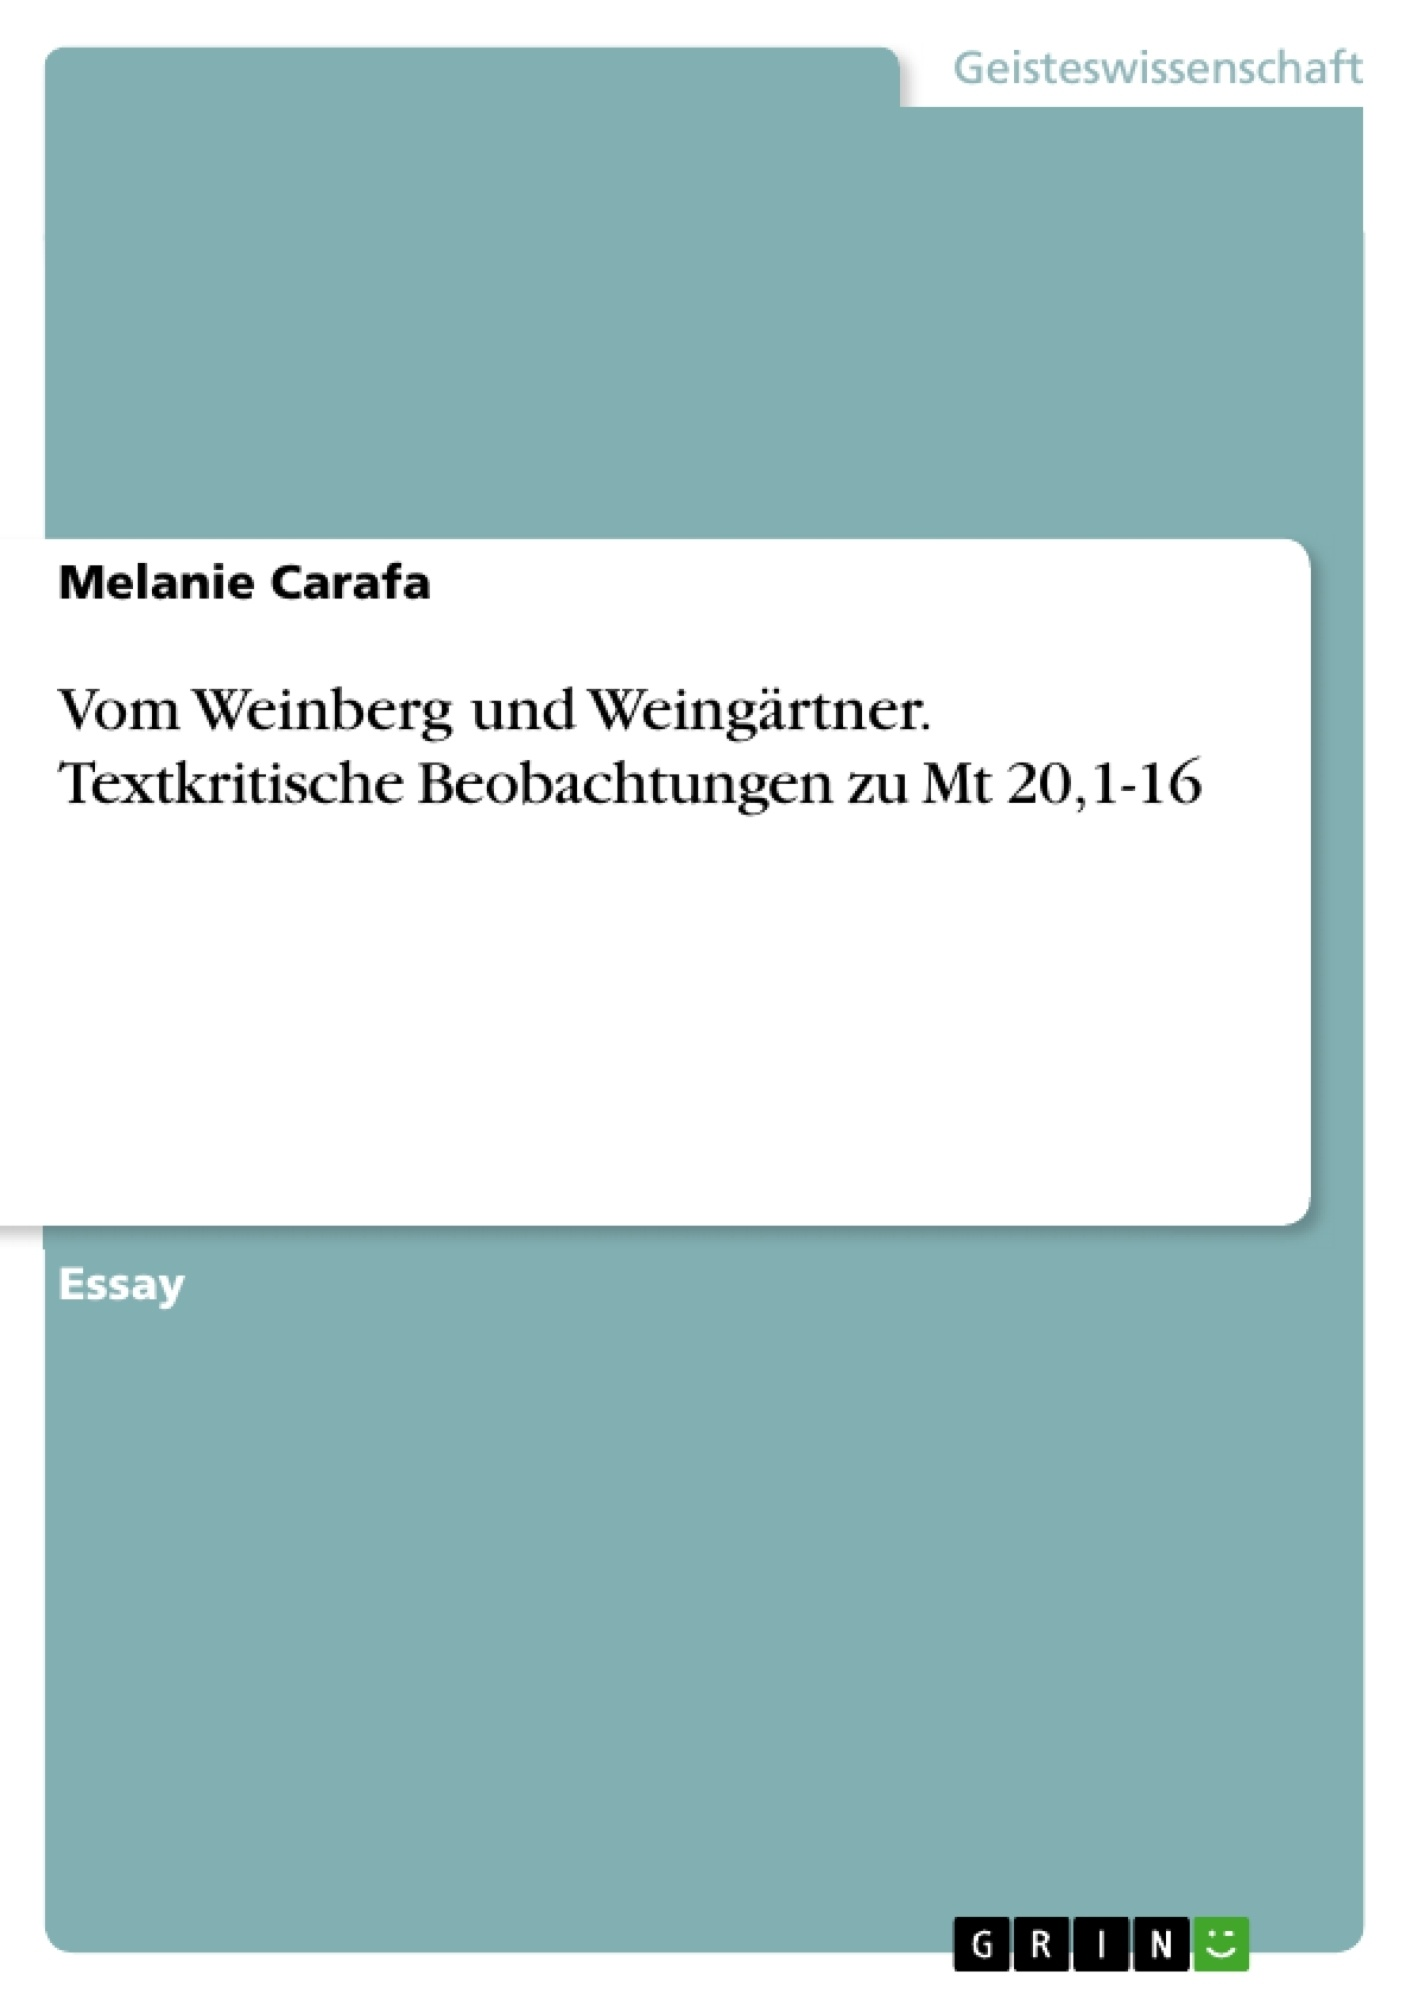 Titel: Vom Weinberg und Weingärtner. Textkritische Beobachtungen zu Mt 20,1-16